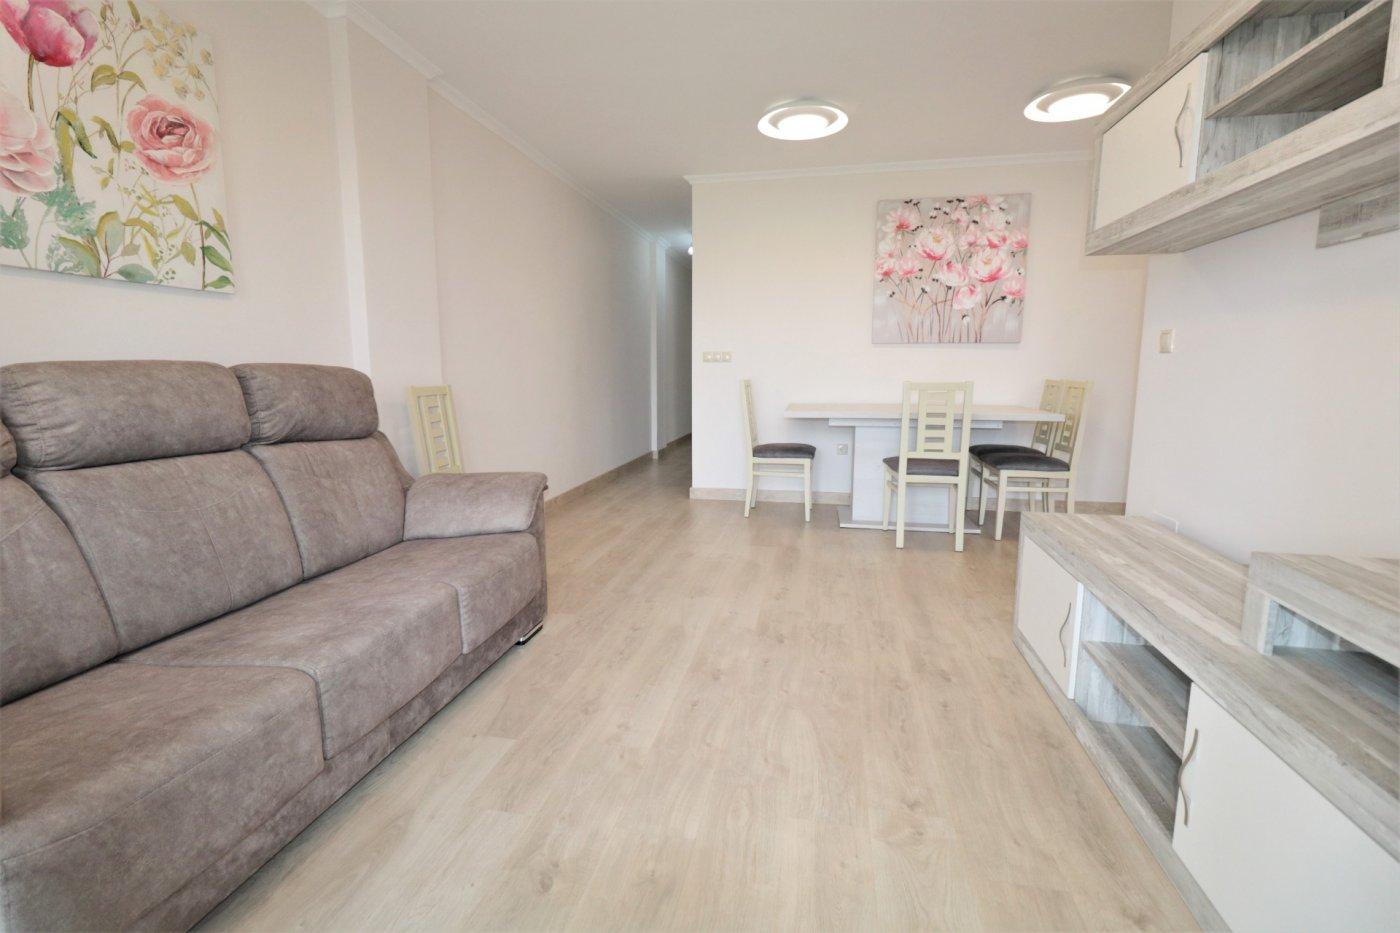 apartamento en torrevieja · acequion 127000€